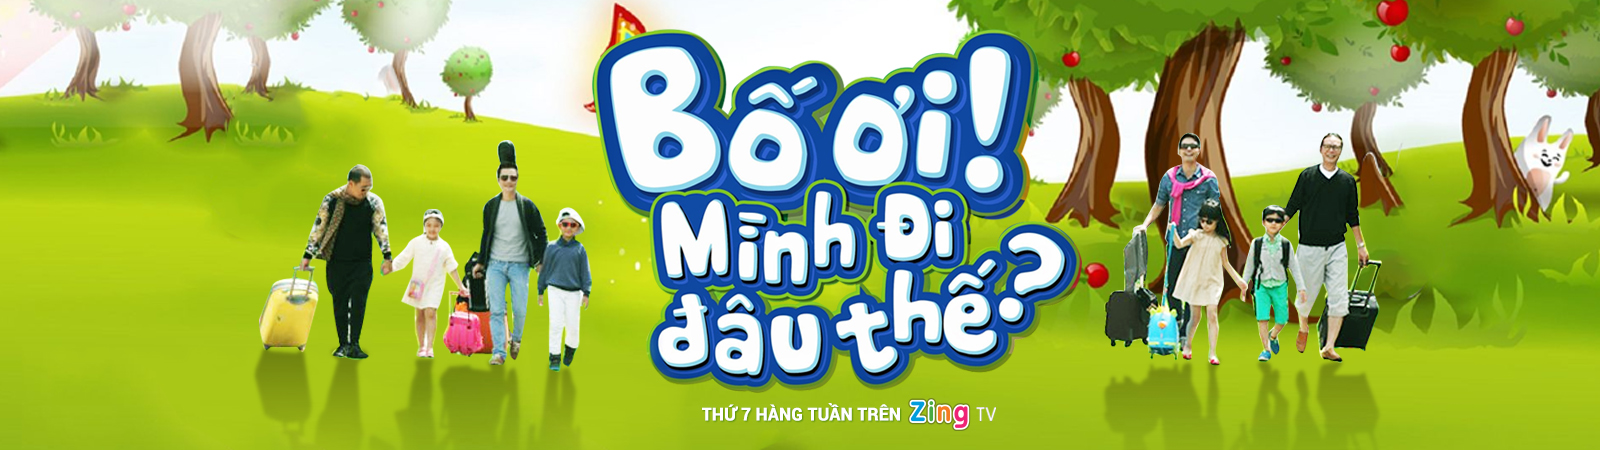 Tập 24 - Bố Ơi, Mình Đi Đâu Thế Việt Nam